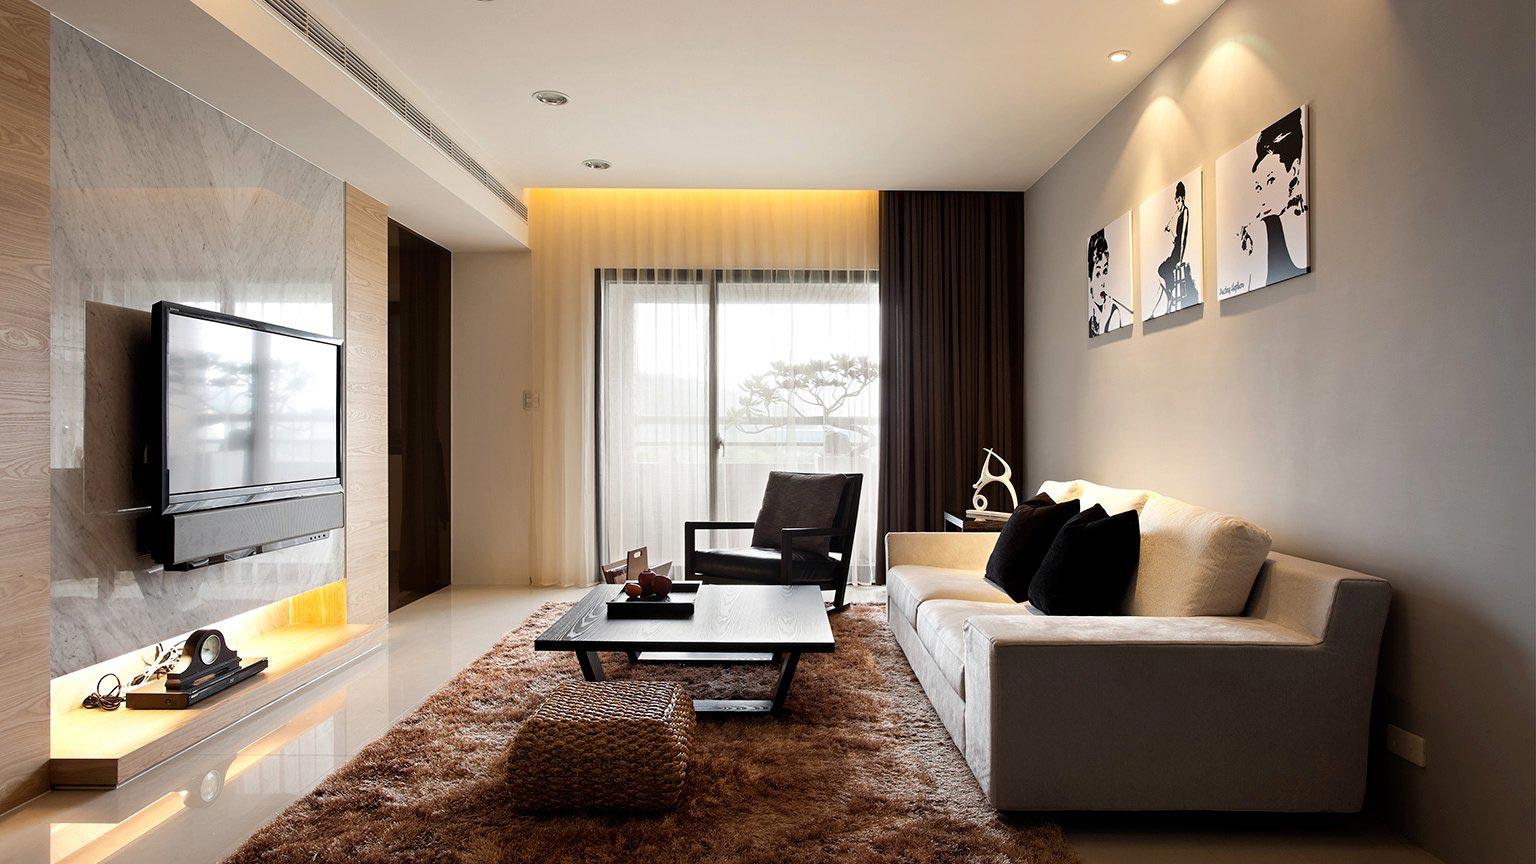 Фото дизайн интерьера комнат